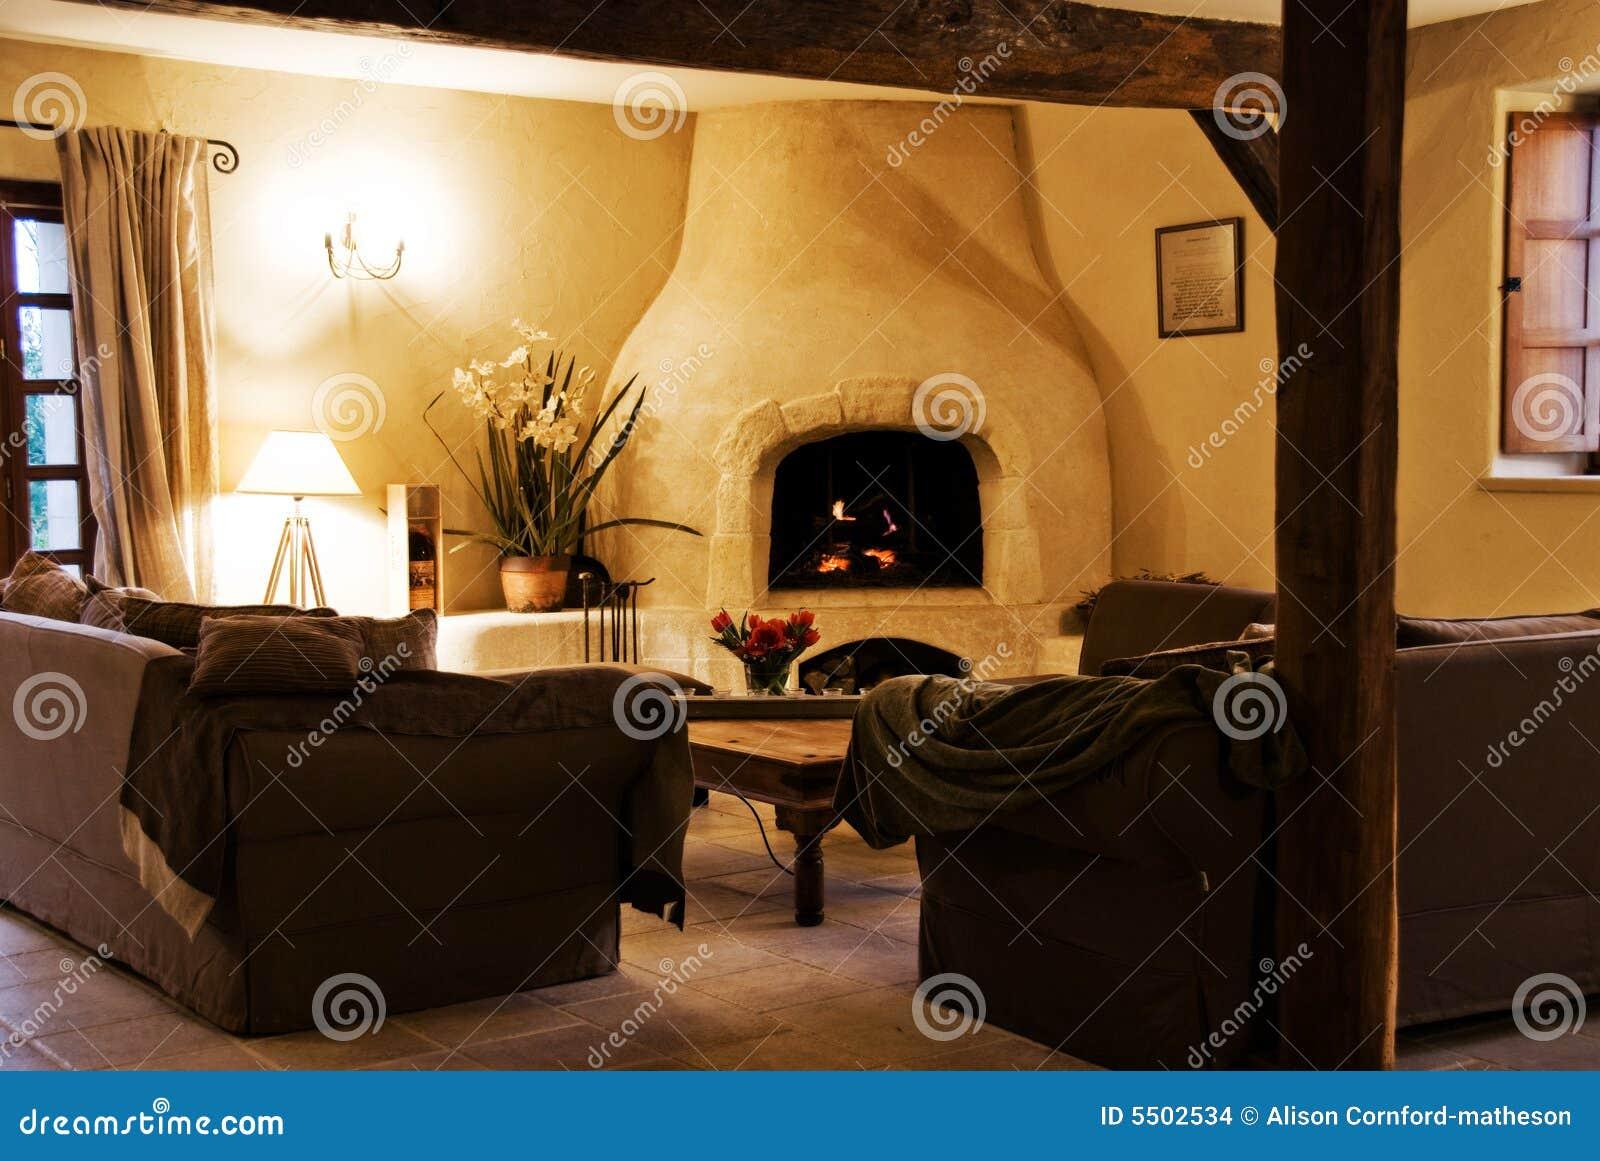 Gemutliches Rustikales Wohnzimmer Stockfoto Bild Von Null Innen